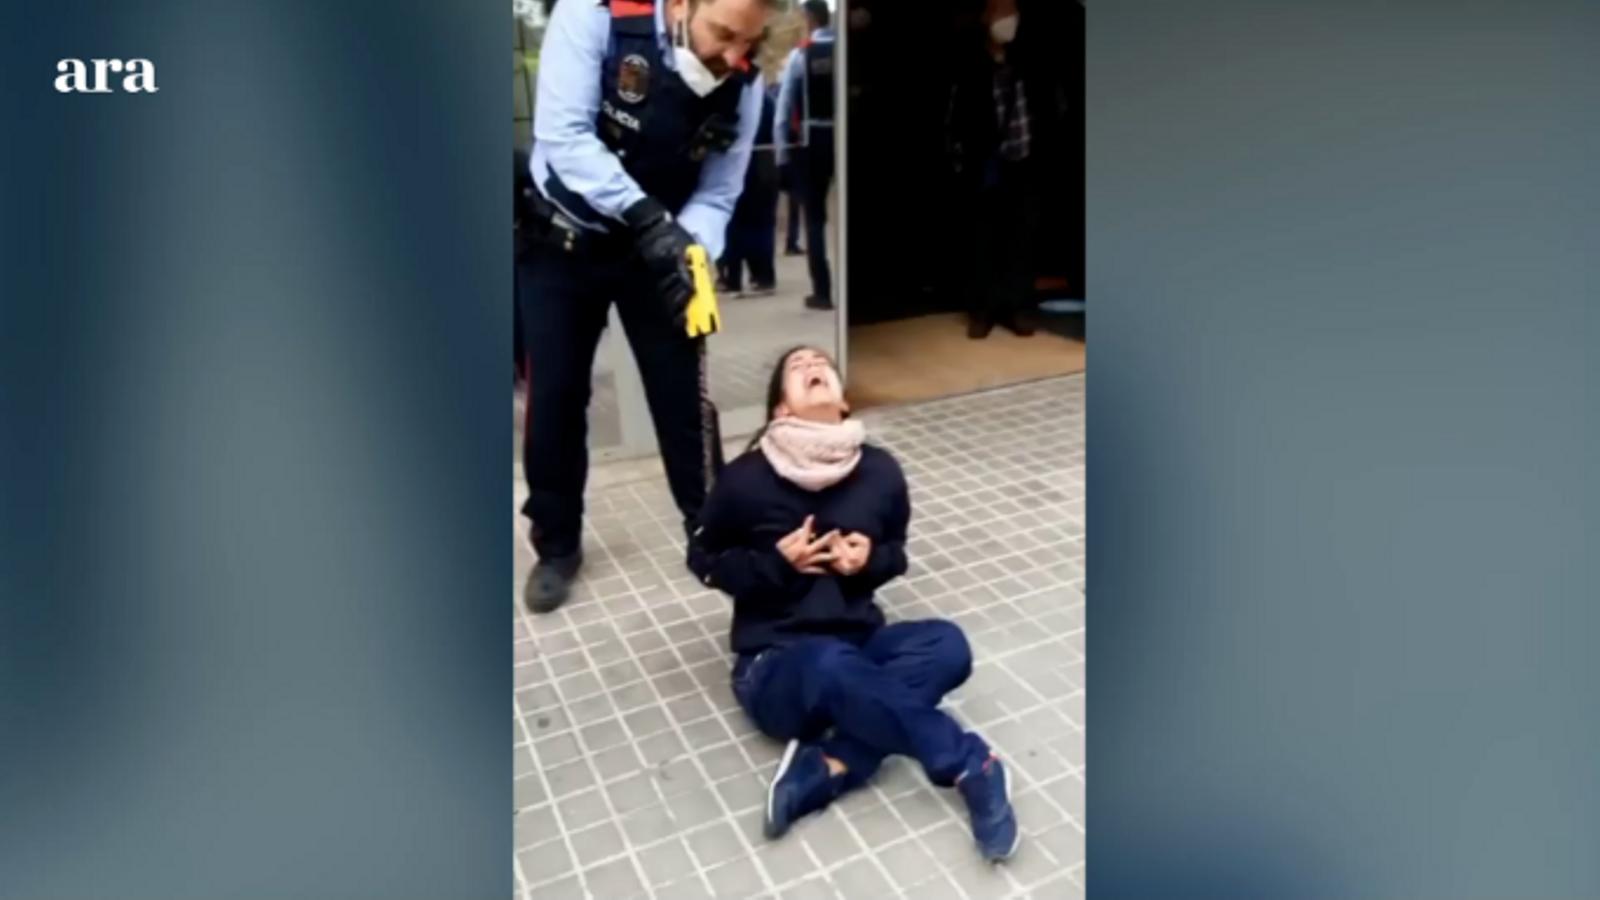 Sàmper defensa l'actuació dels Mossos amb una Taser per reduir una noia